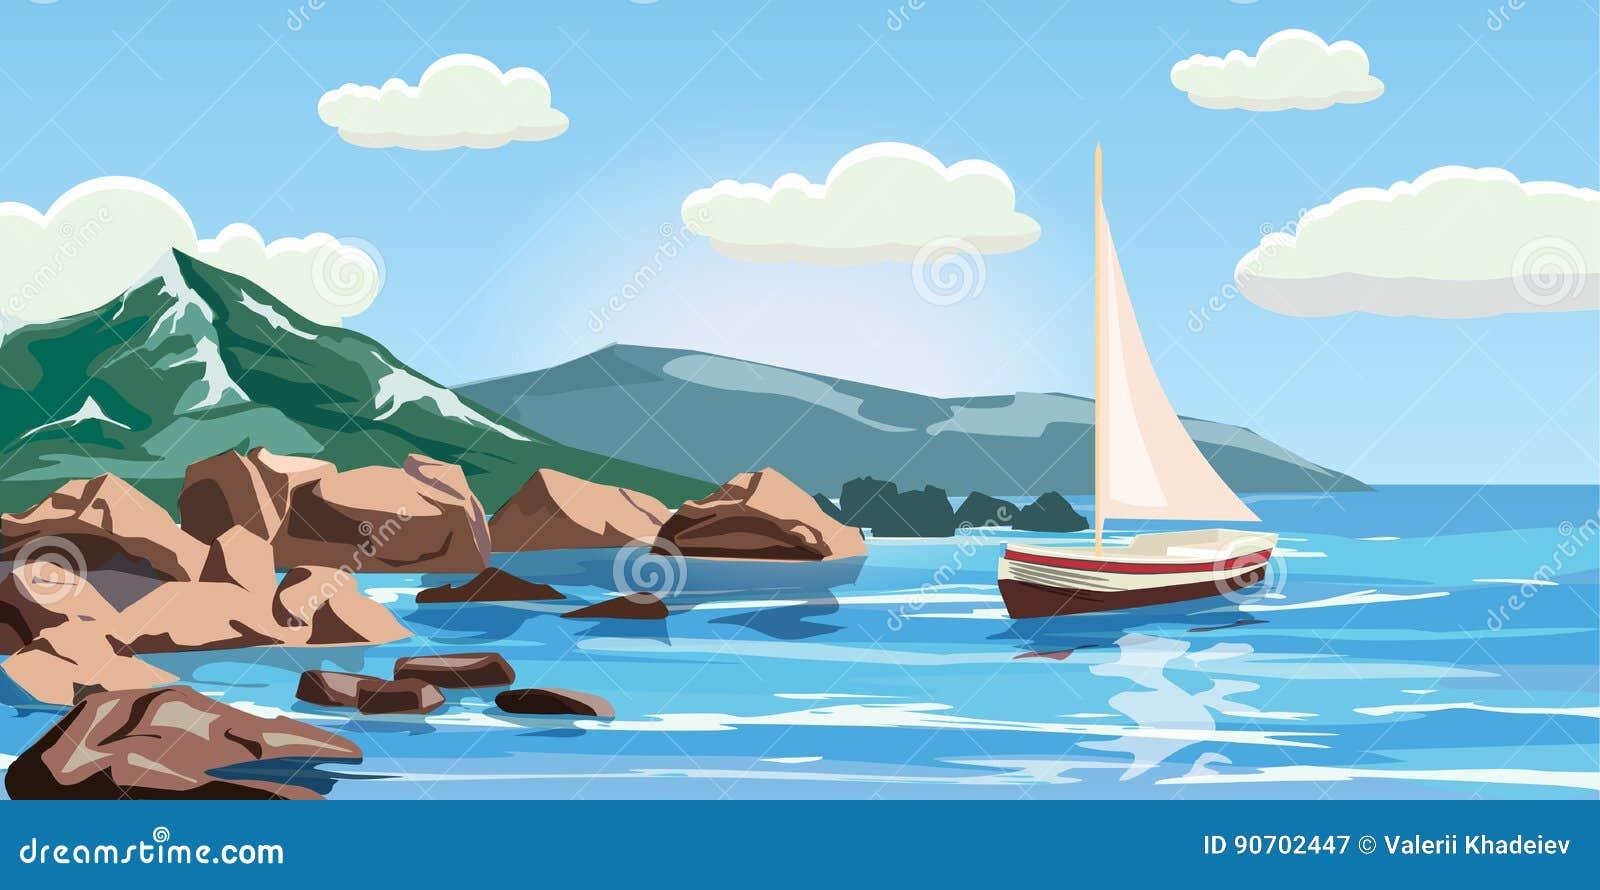 Seascape, rochas, penhascos, um iate sob a vela, oceano